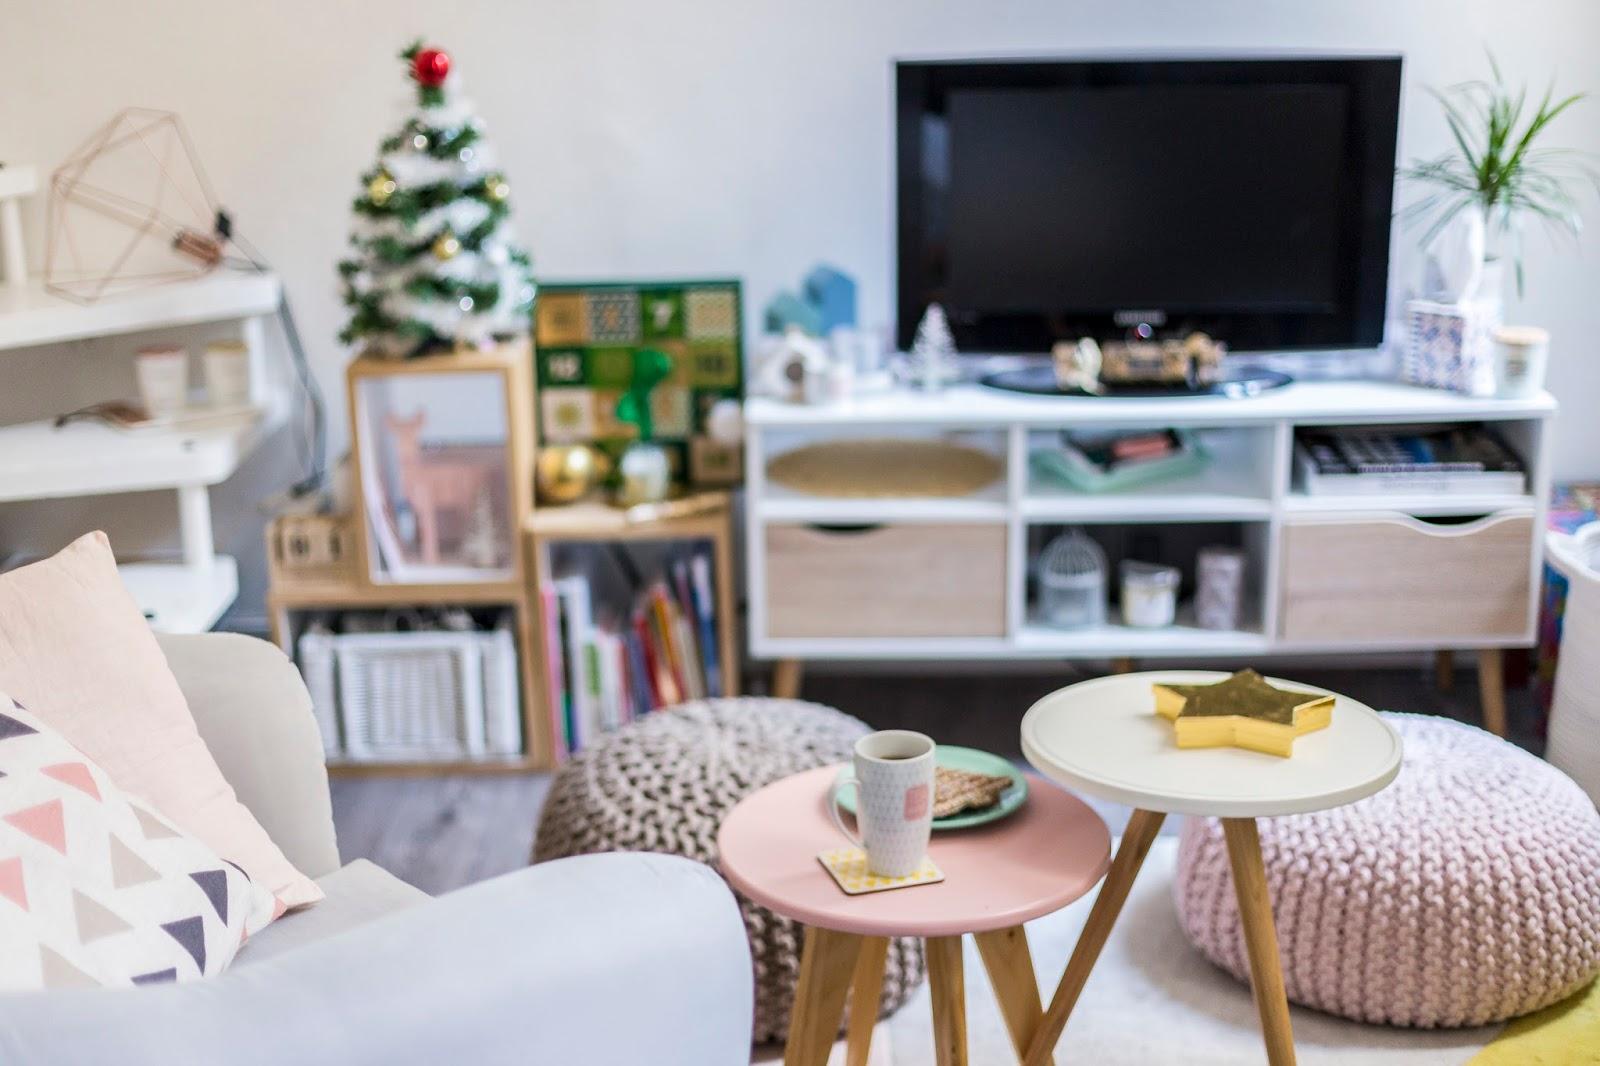 Décoration salon mini sapin Noël hema